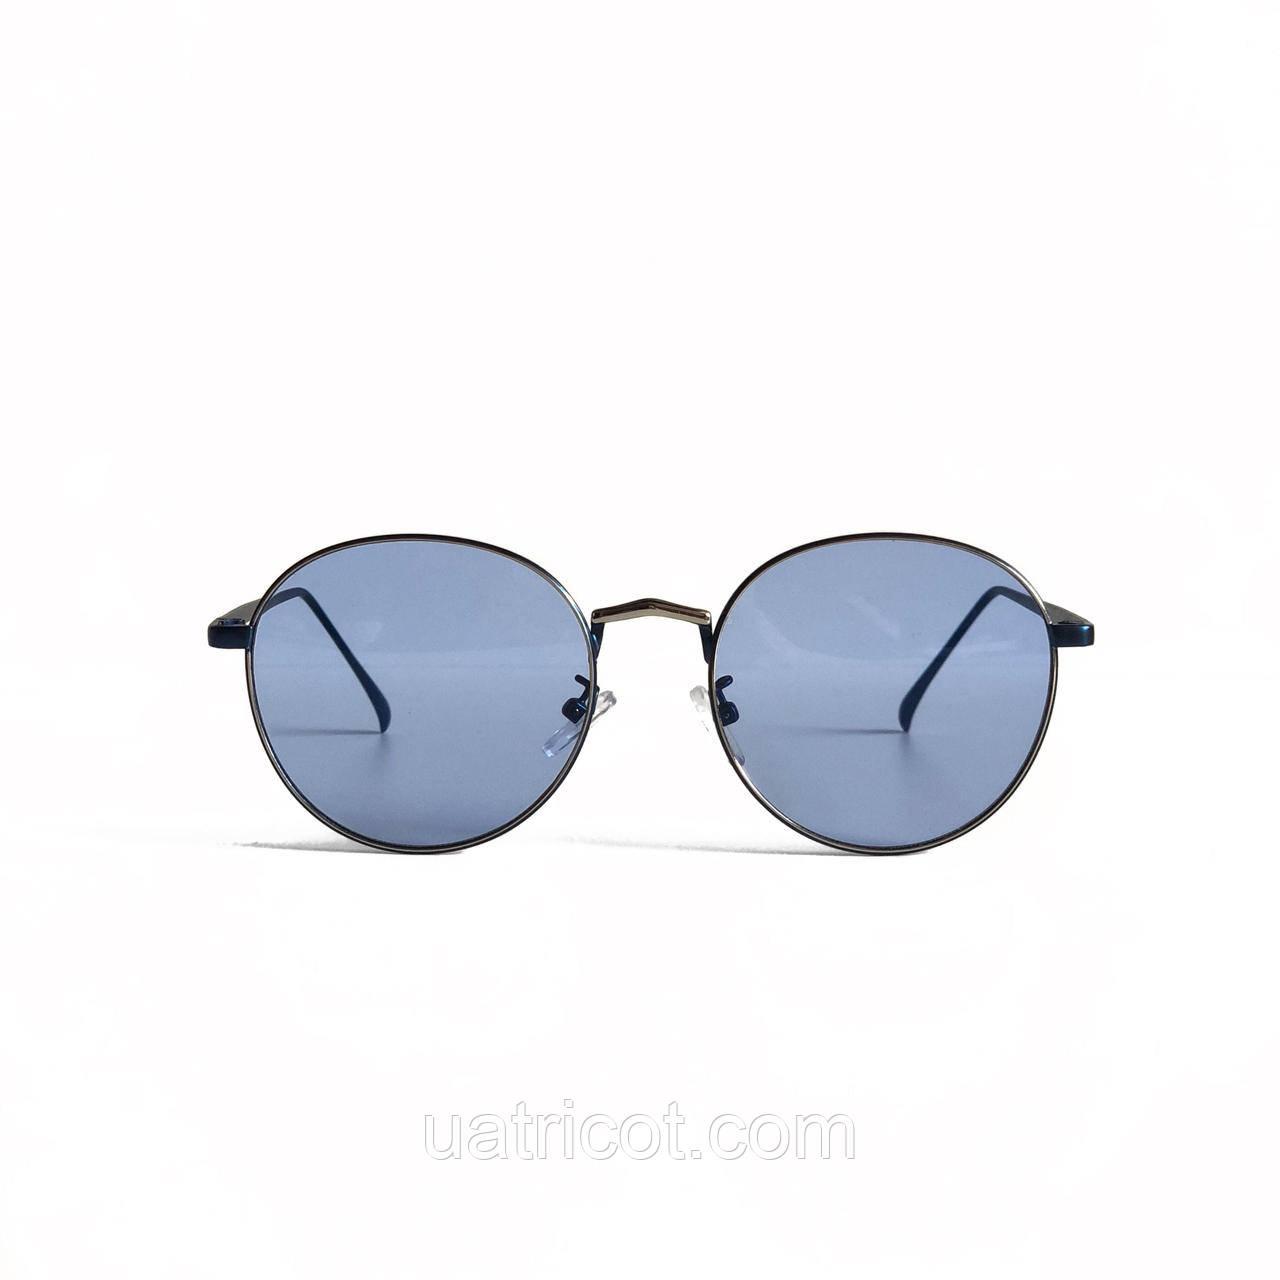 f6de0d7a139d Женские круглые солнцезащитные очки в синей оправе с голубыми линзами -  Интернет-магазин